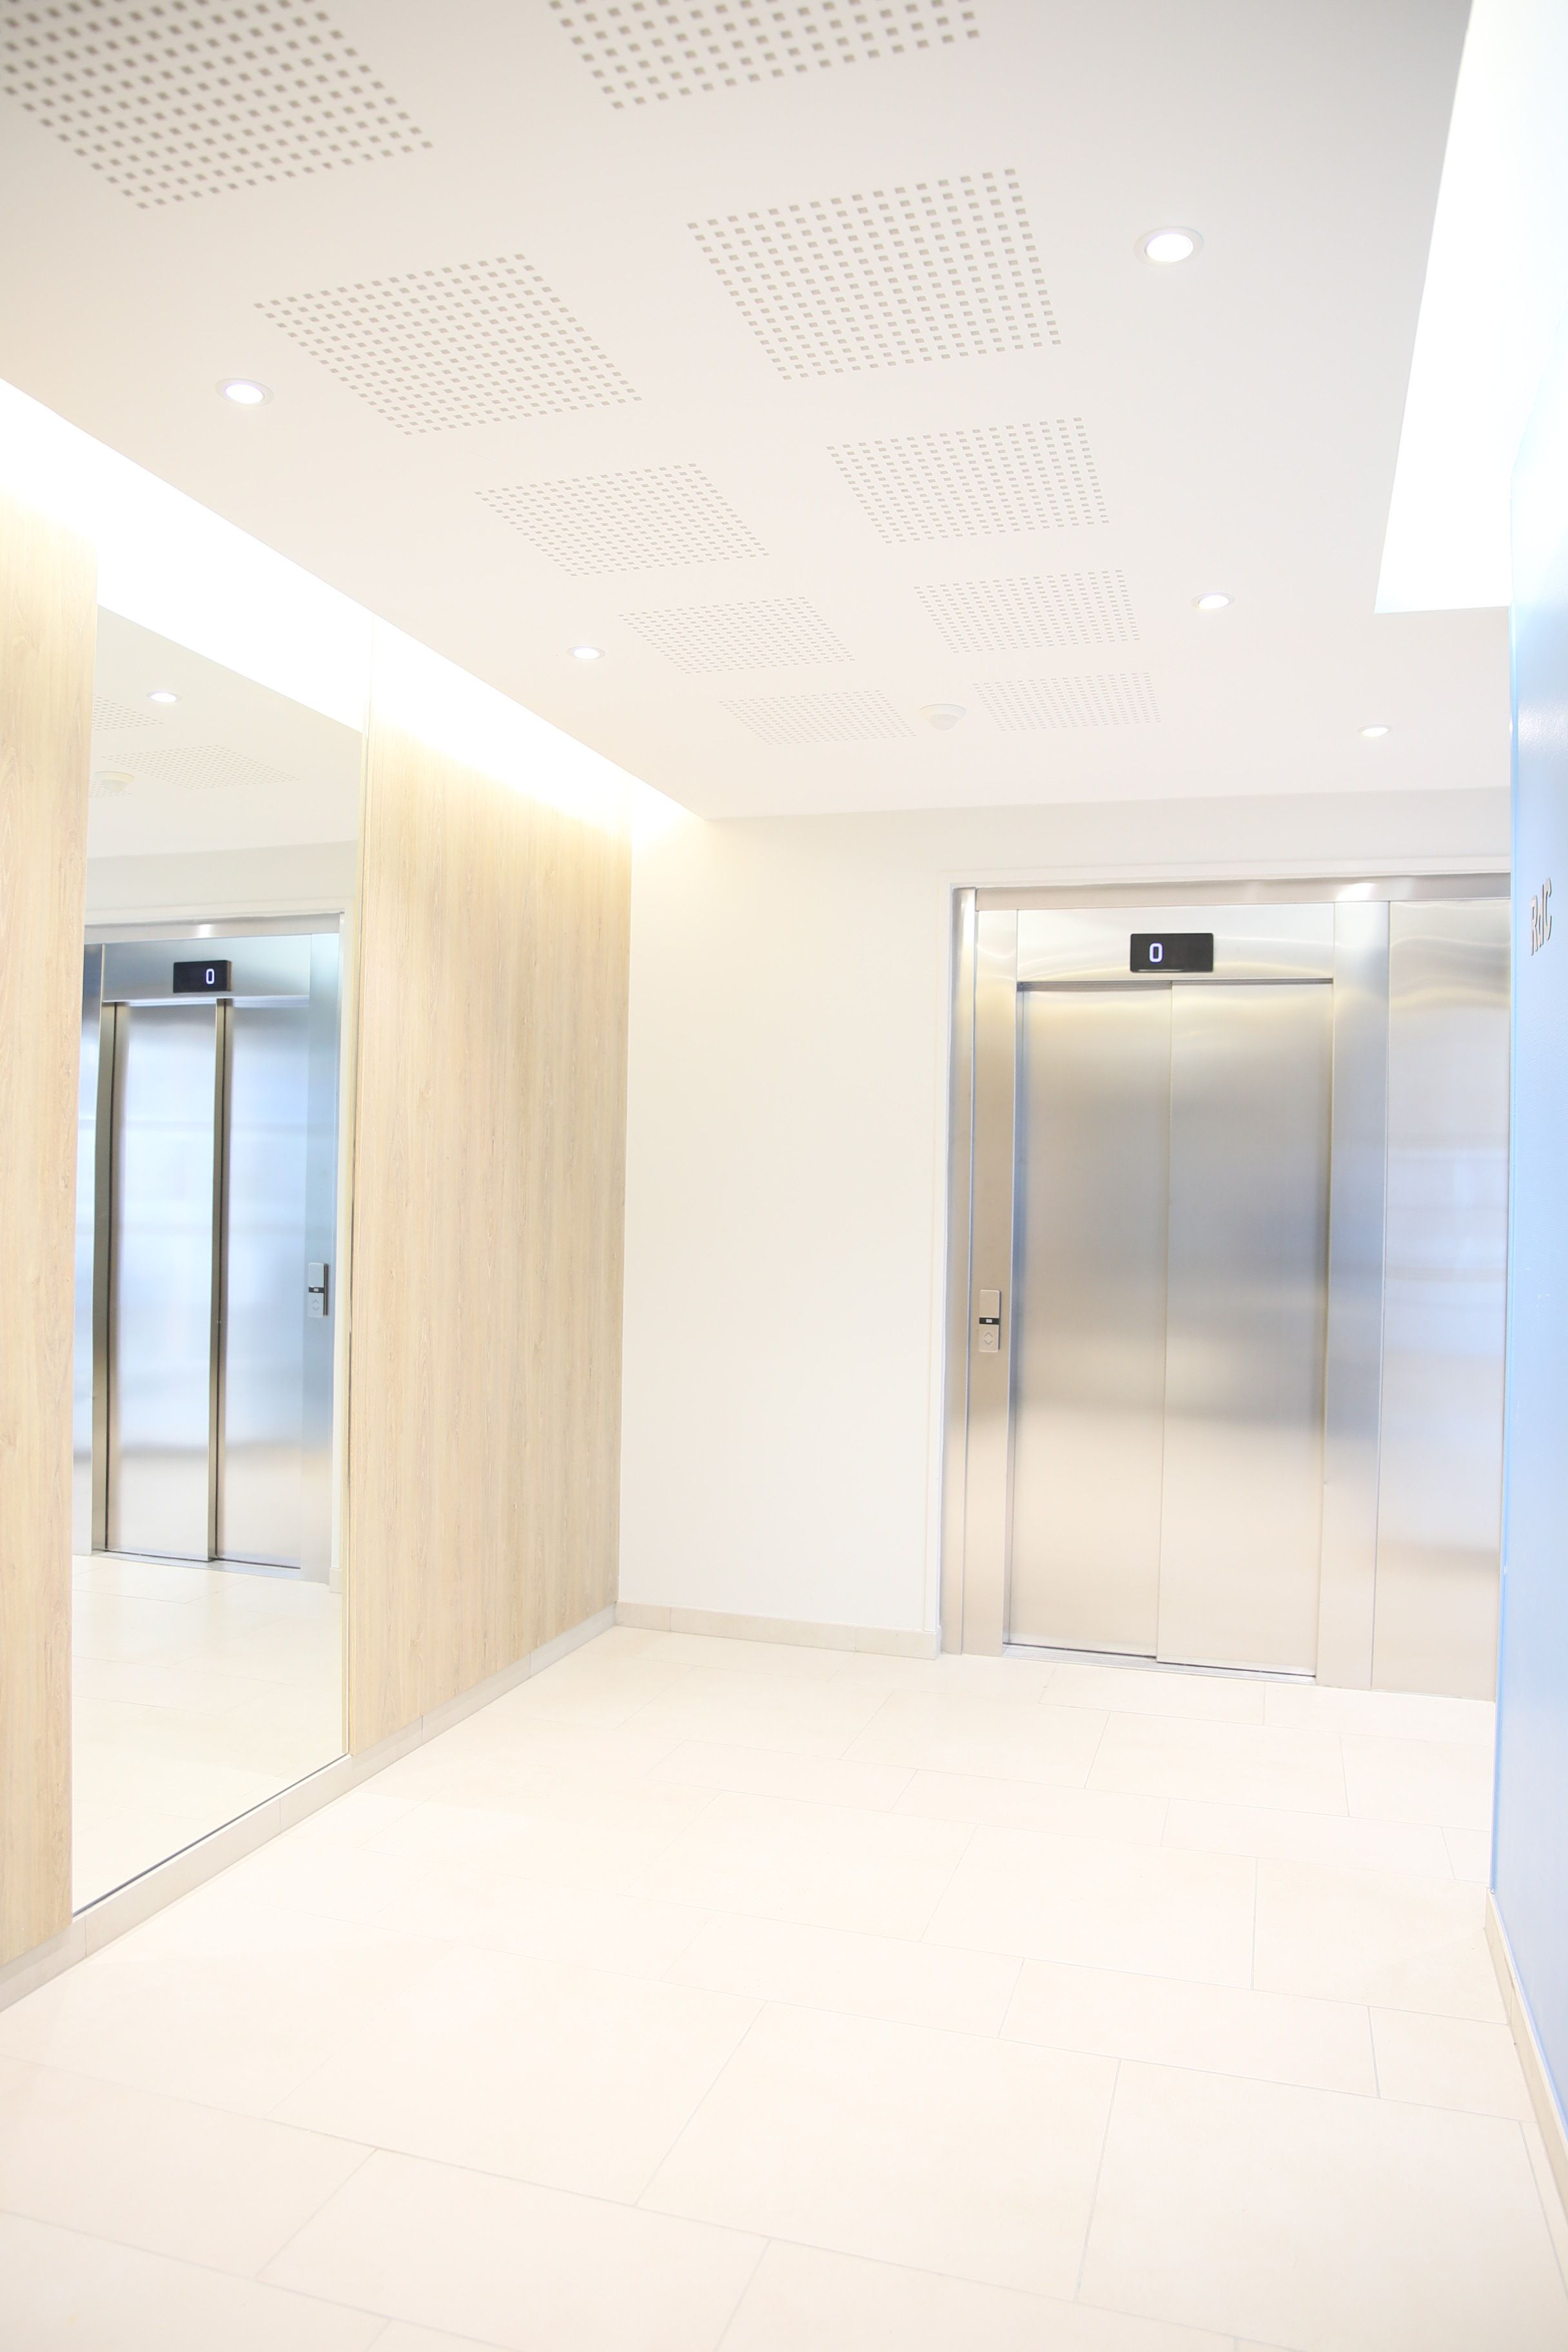 hall d 39 entr e de l 39 immeuble d coration immeuble pinterest immeuble entr e et couloir. Black Bedroom Furniture Sets. Home Design Ideas